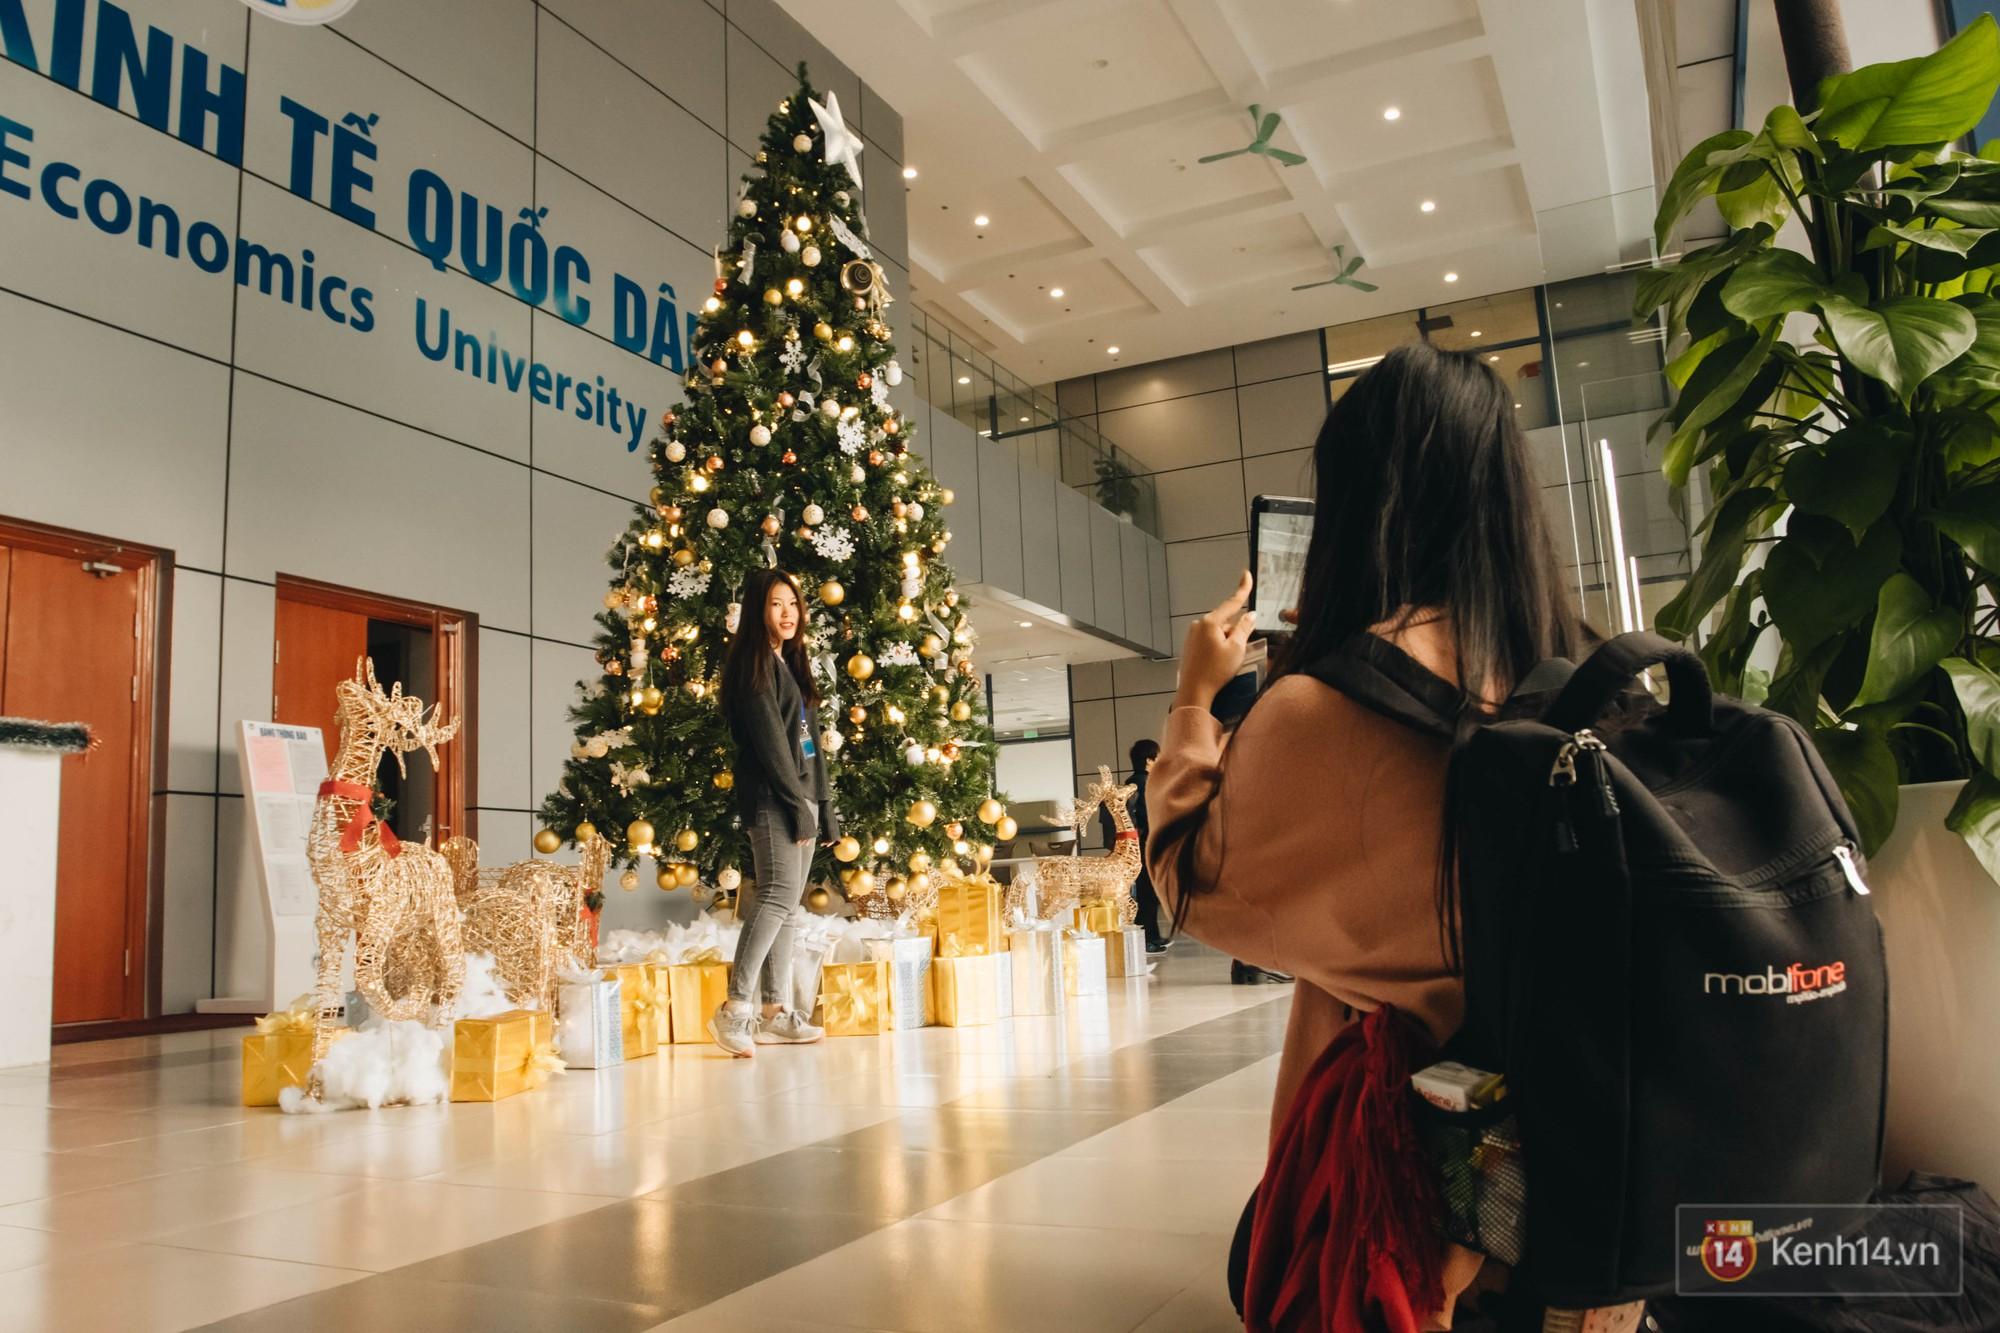 Xịn như Kinh tế Quốc dân: Dựng không gian checkin Noel sang như khách sạn bên trong toà nhà thế kỷ 96.000 m2 với 17 thang máy! - Ảnh 2.